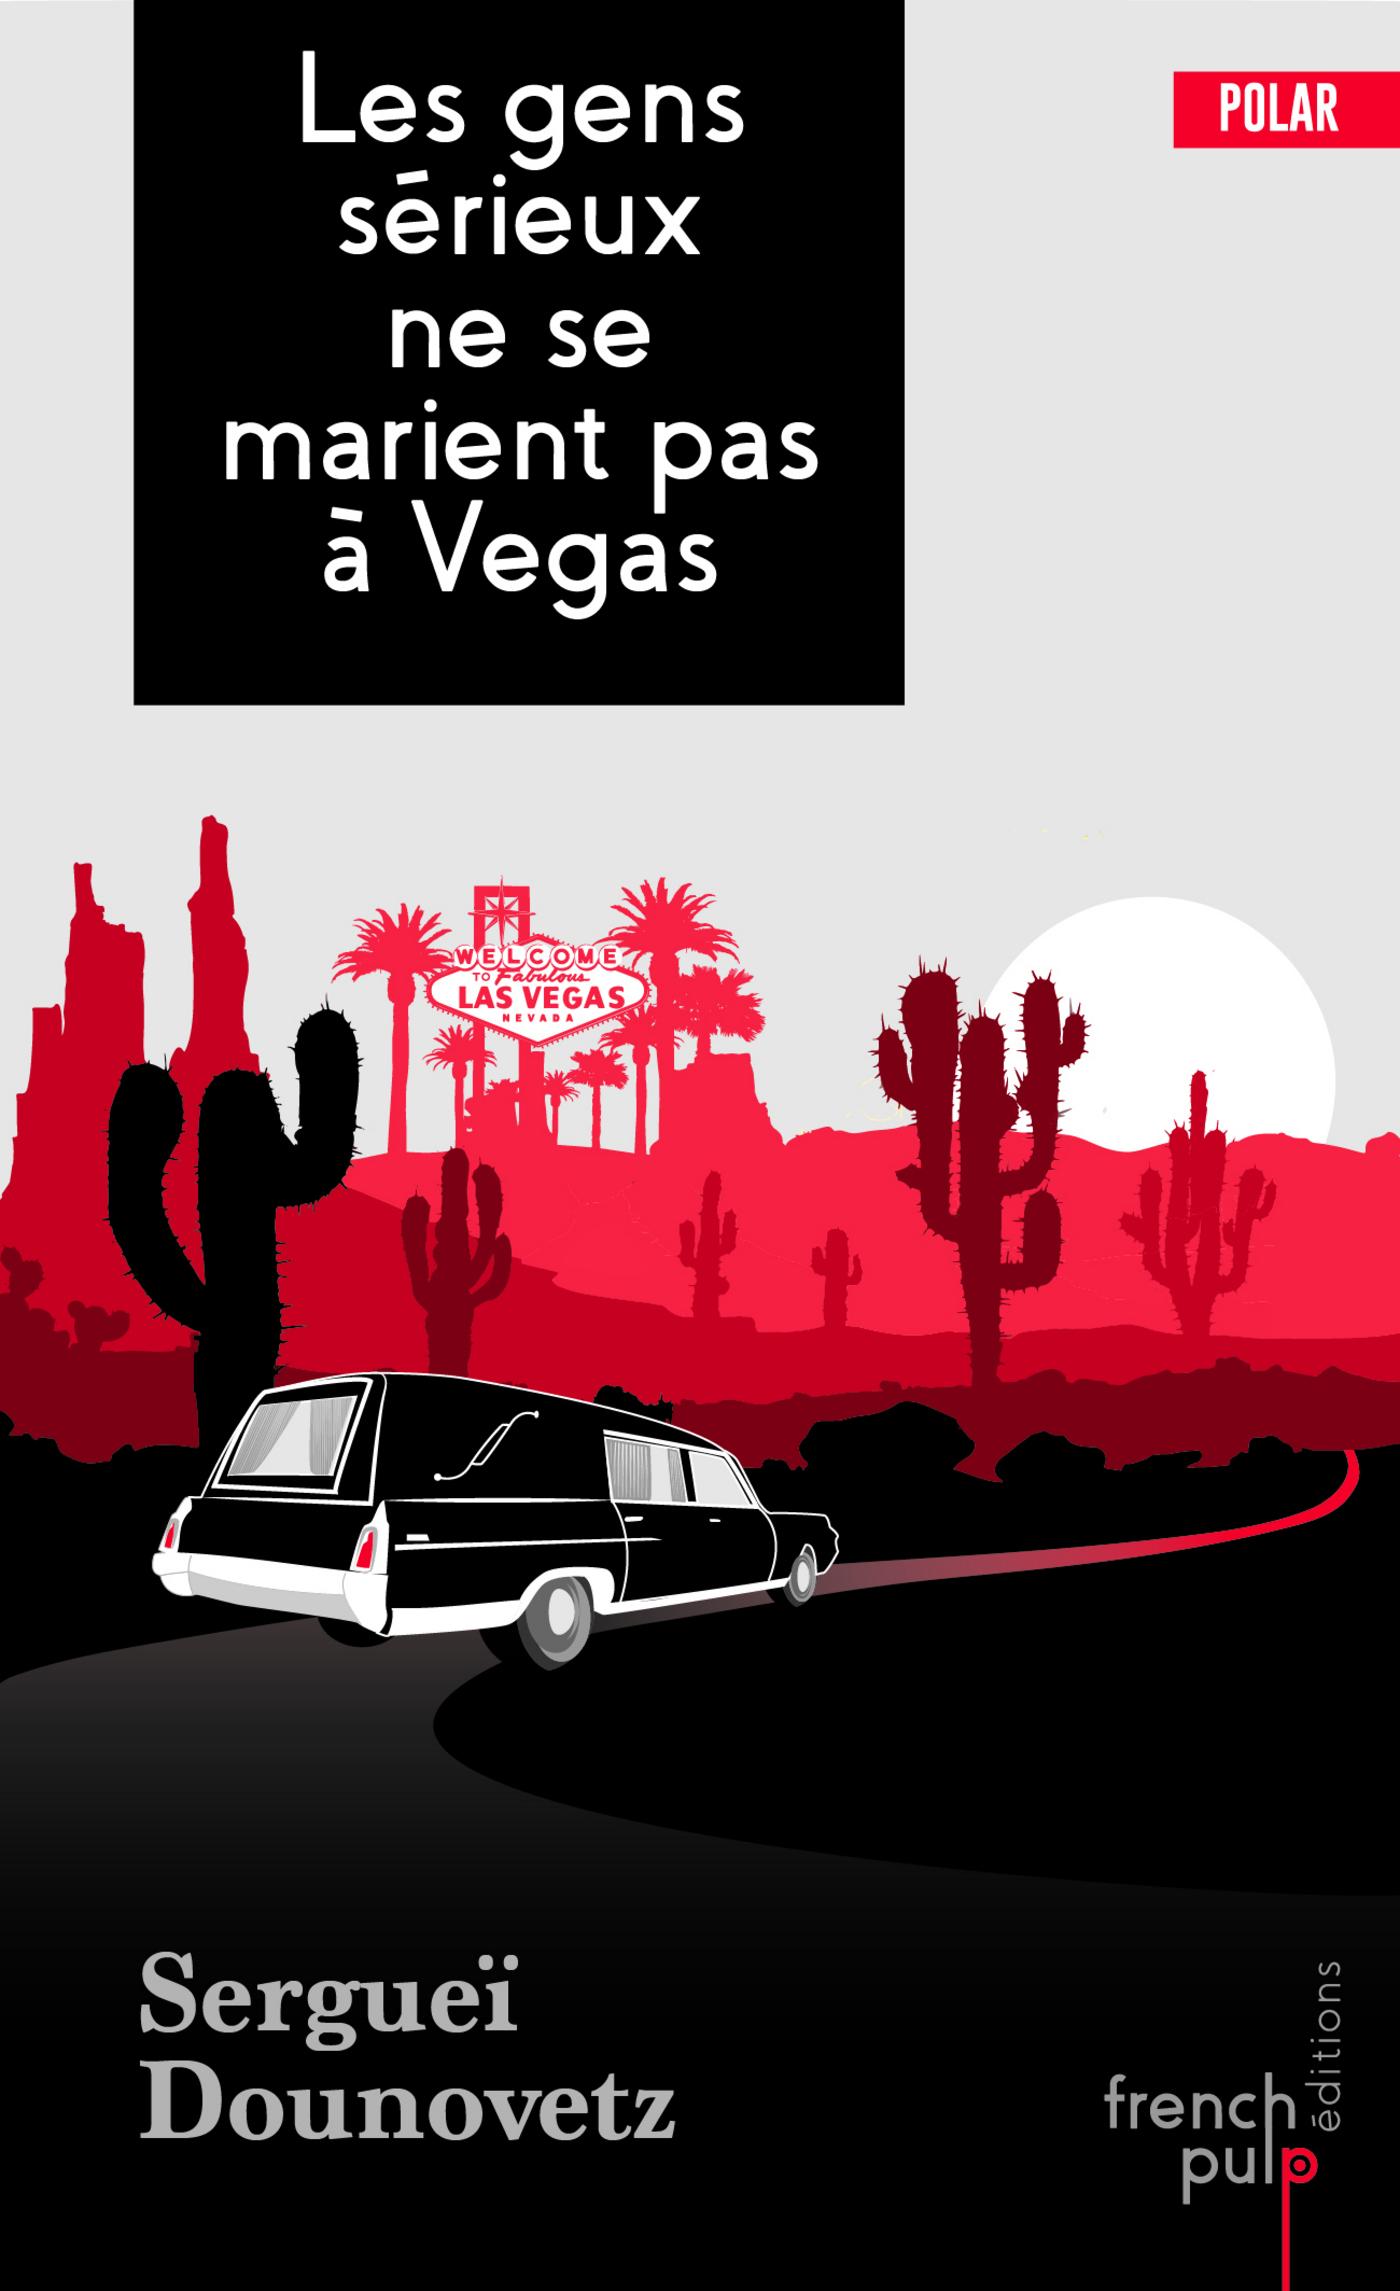 Les gens s?rieux ne se marient pas ? Vegas